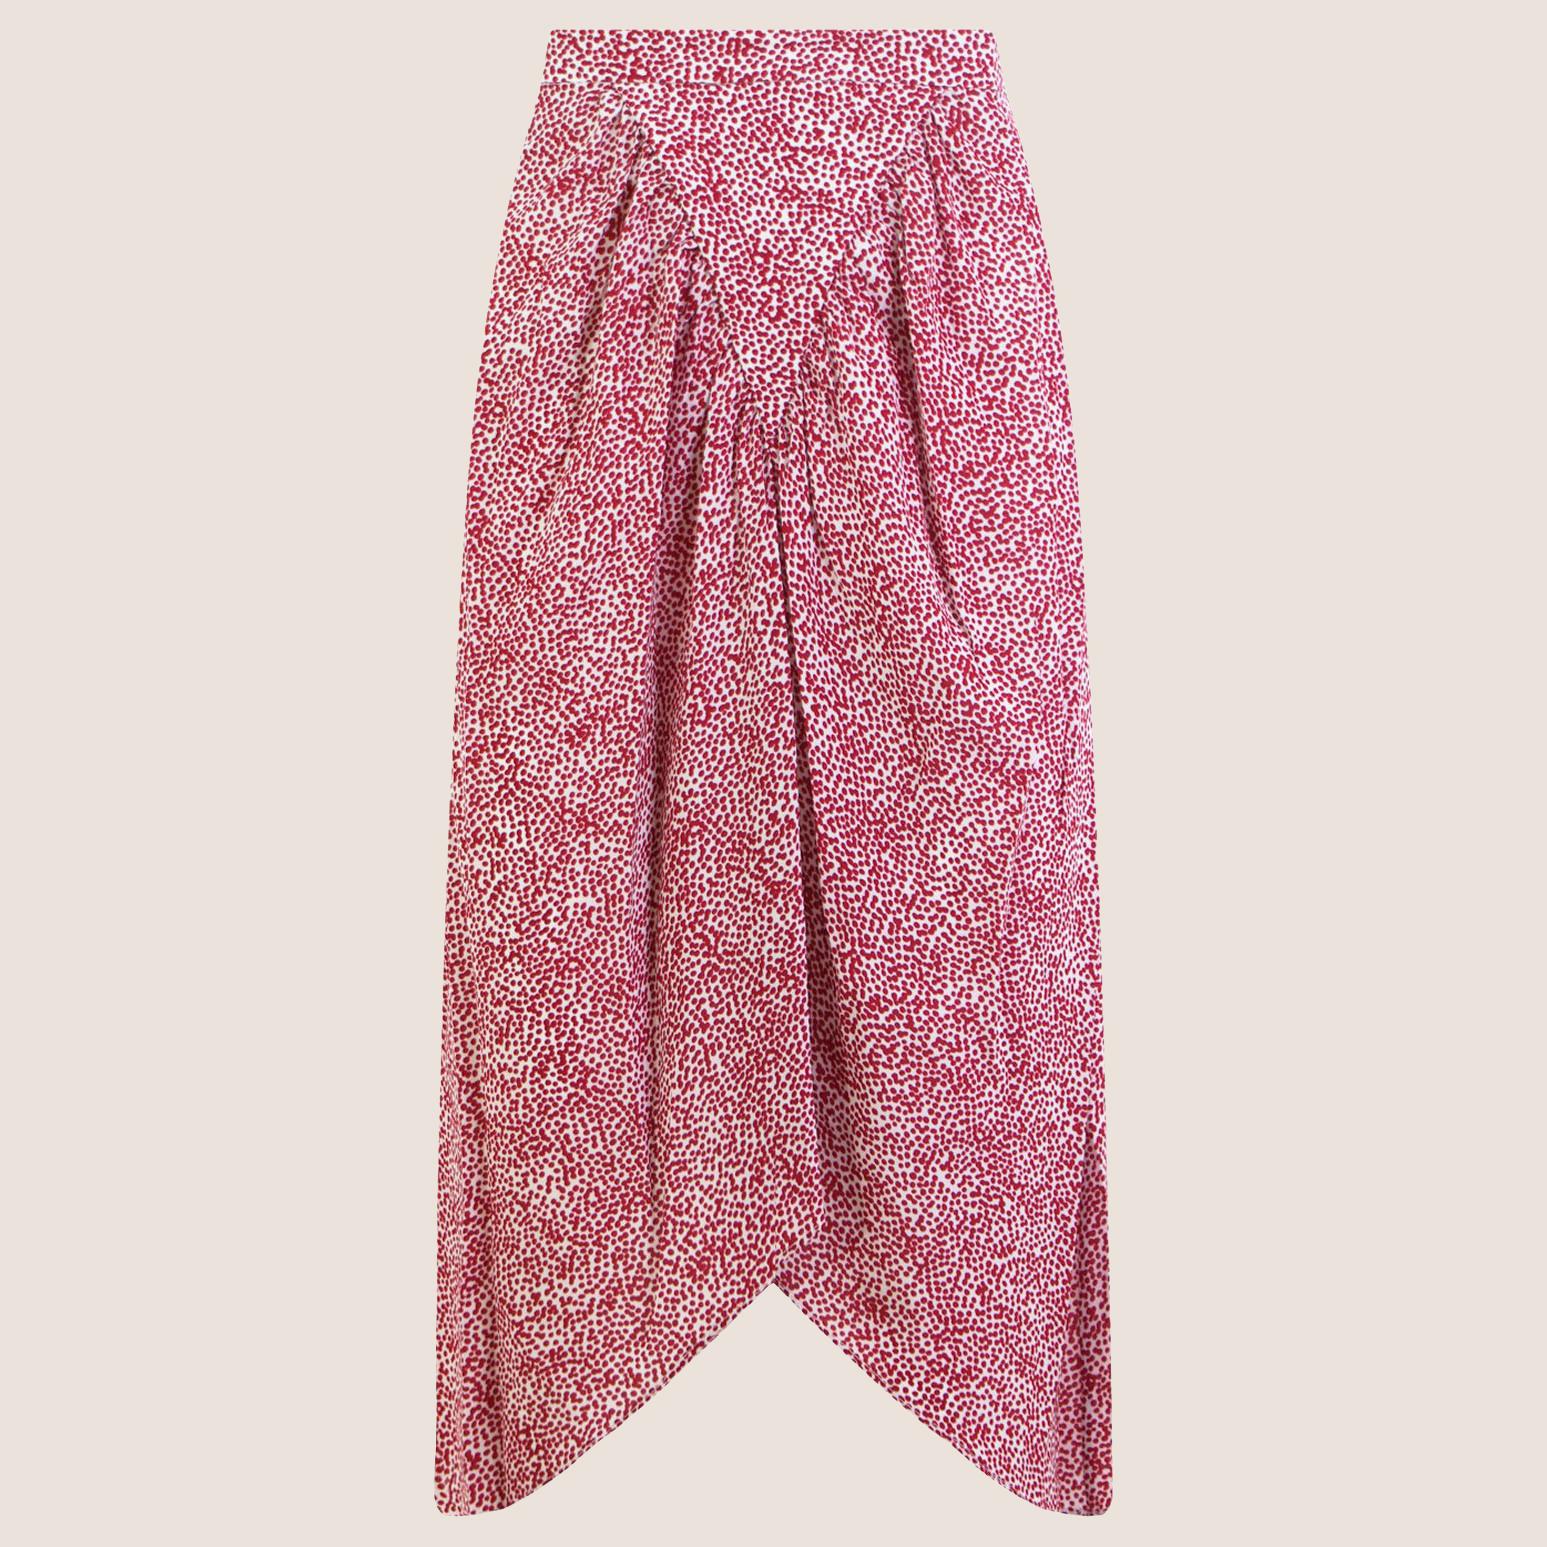 Isabel Marant Etoile - Omaly Skirt